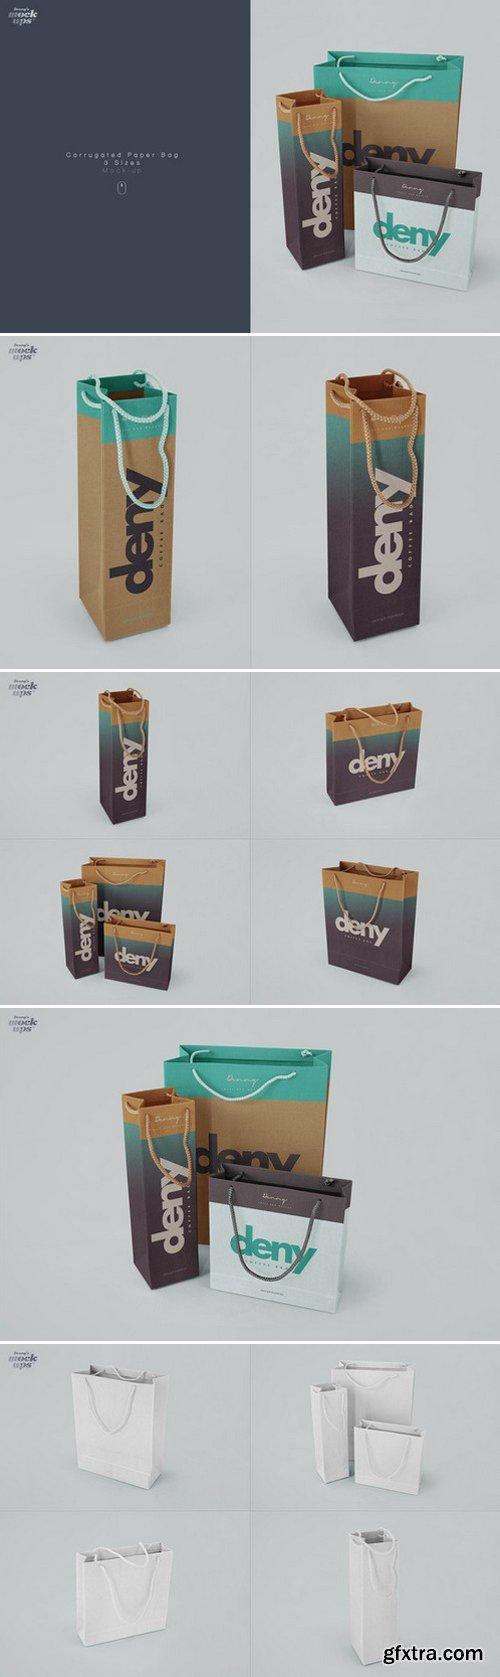 CM - Corrugated Paper Bag 3 Types Mockup 749350